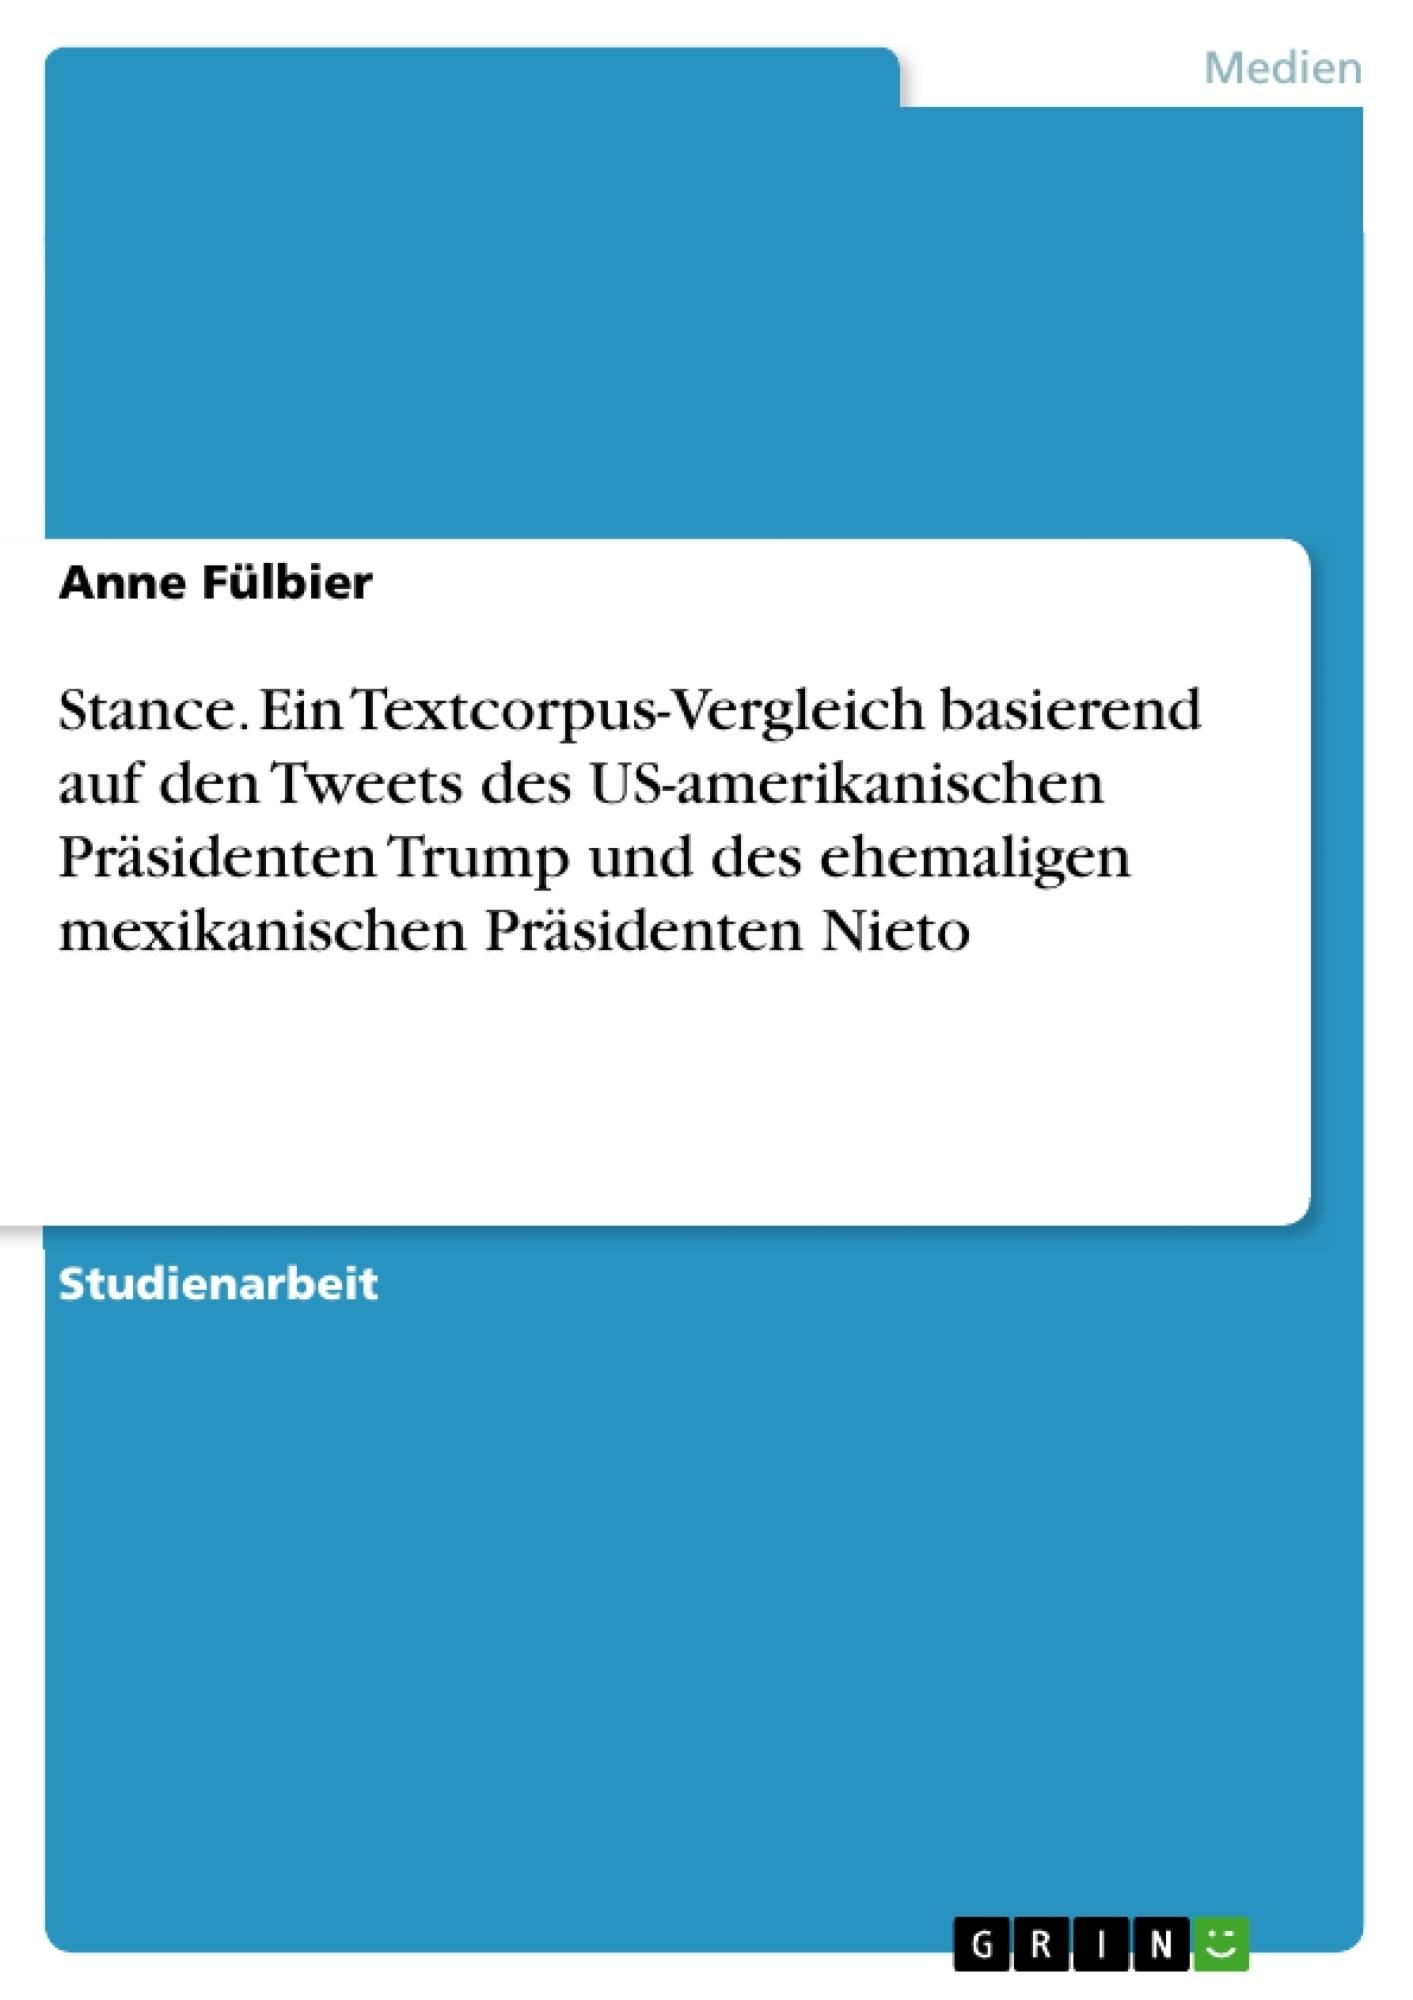 Titel: Stance. Ein Textcorpus-Vergleich basierend auf den Tweets des US-amerikanischen Präsidenten Trump und des ehemaligen mexikanischen Präsidenten Nieto